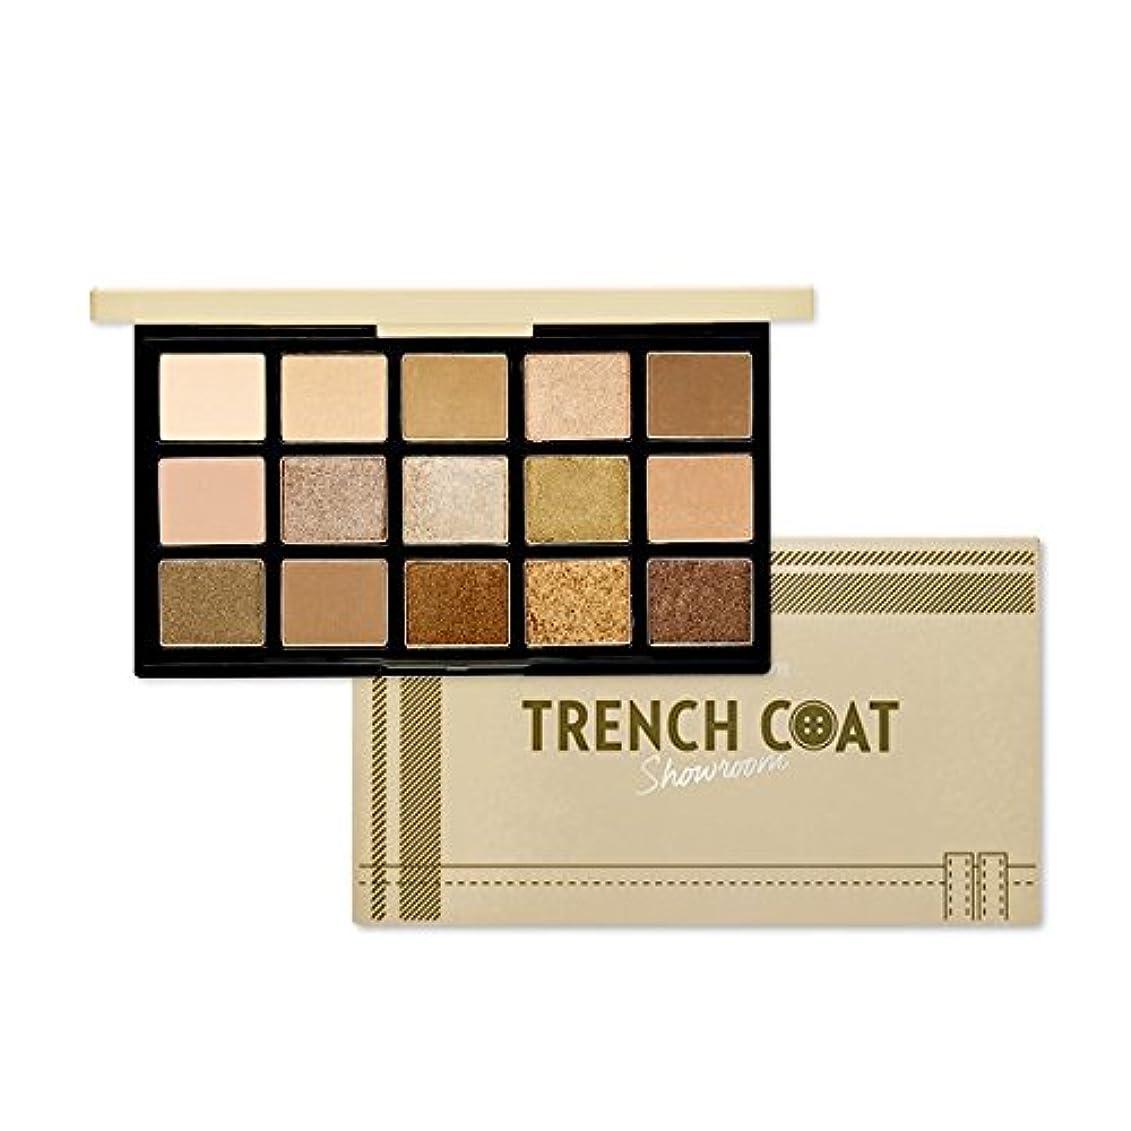 無駄な不確実酸度ETUDE HOUSE Play Color Eye Palette - Trench coat Showroom/エチュードハウスプレイカラーアイパレット - トレンチコートショールーム [並行輸入品]